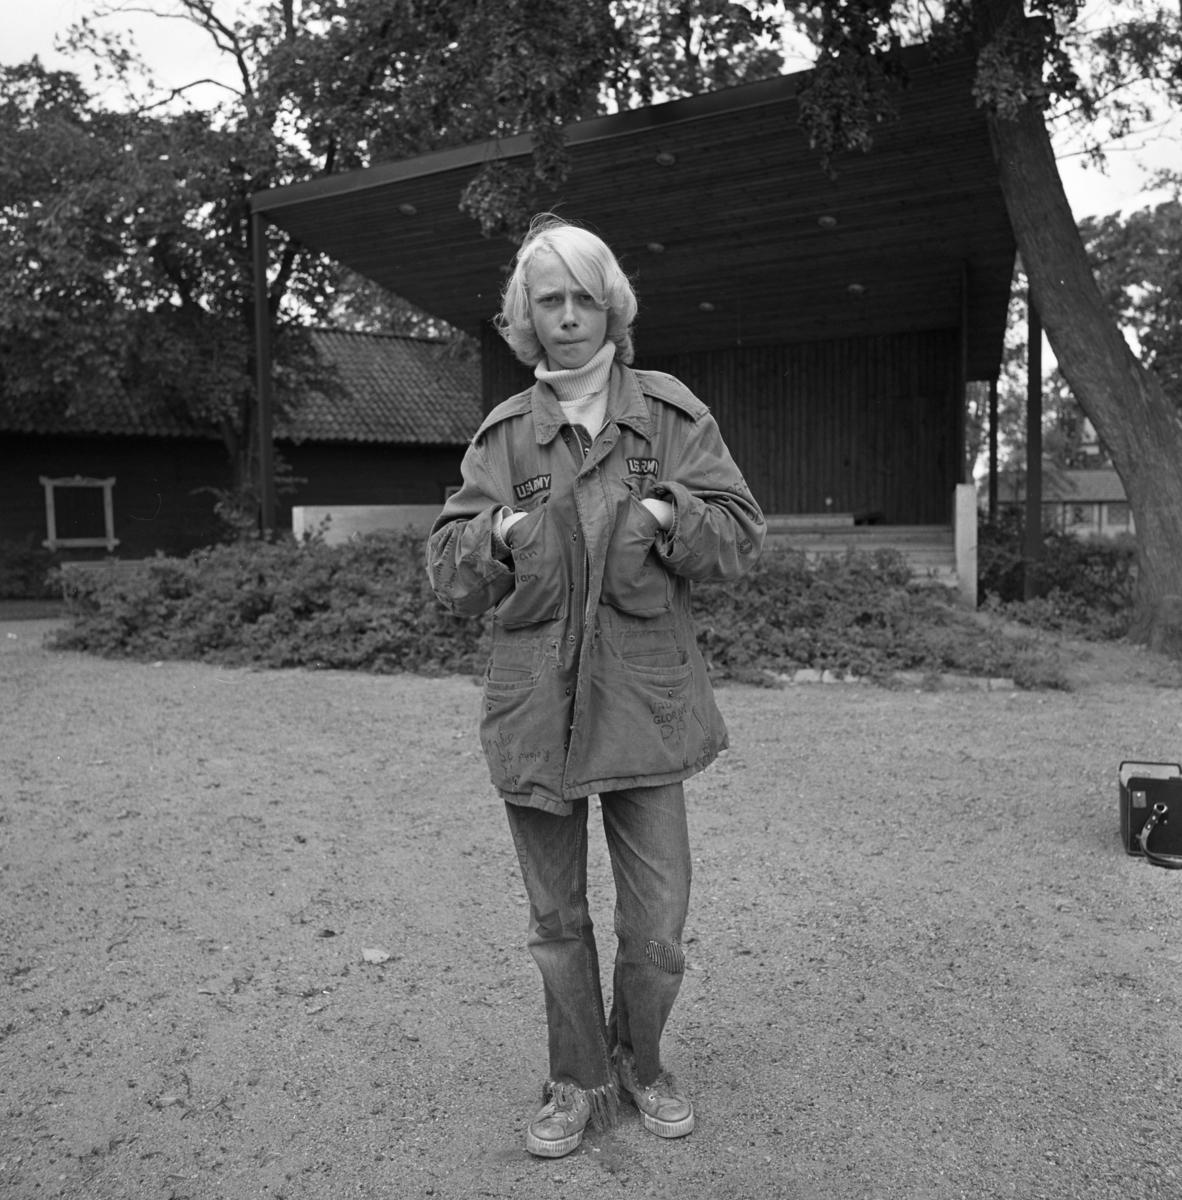 Greger Lindkvist i Ahllöfsparken / Olof Ahllöfs park Ung man, iklädd anorak och jeans, står framför scenen. Augusti 1965  Negativet finns i Reinhold Carlssons kartong 5_sida 25_neg 004.tif